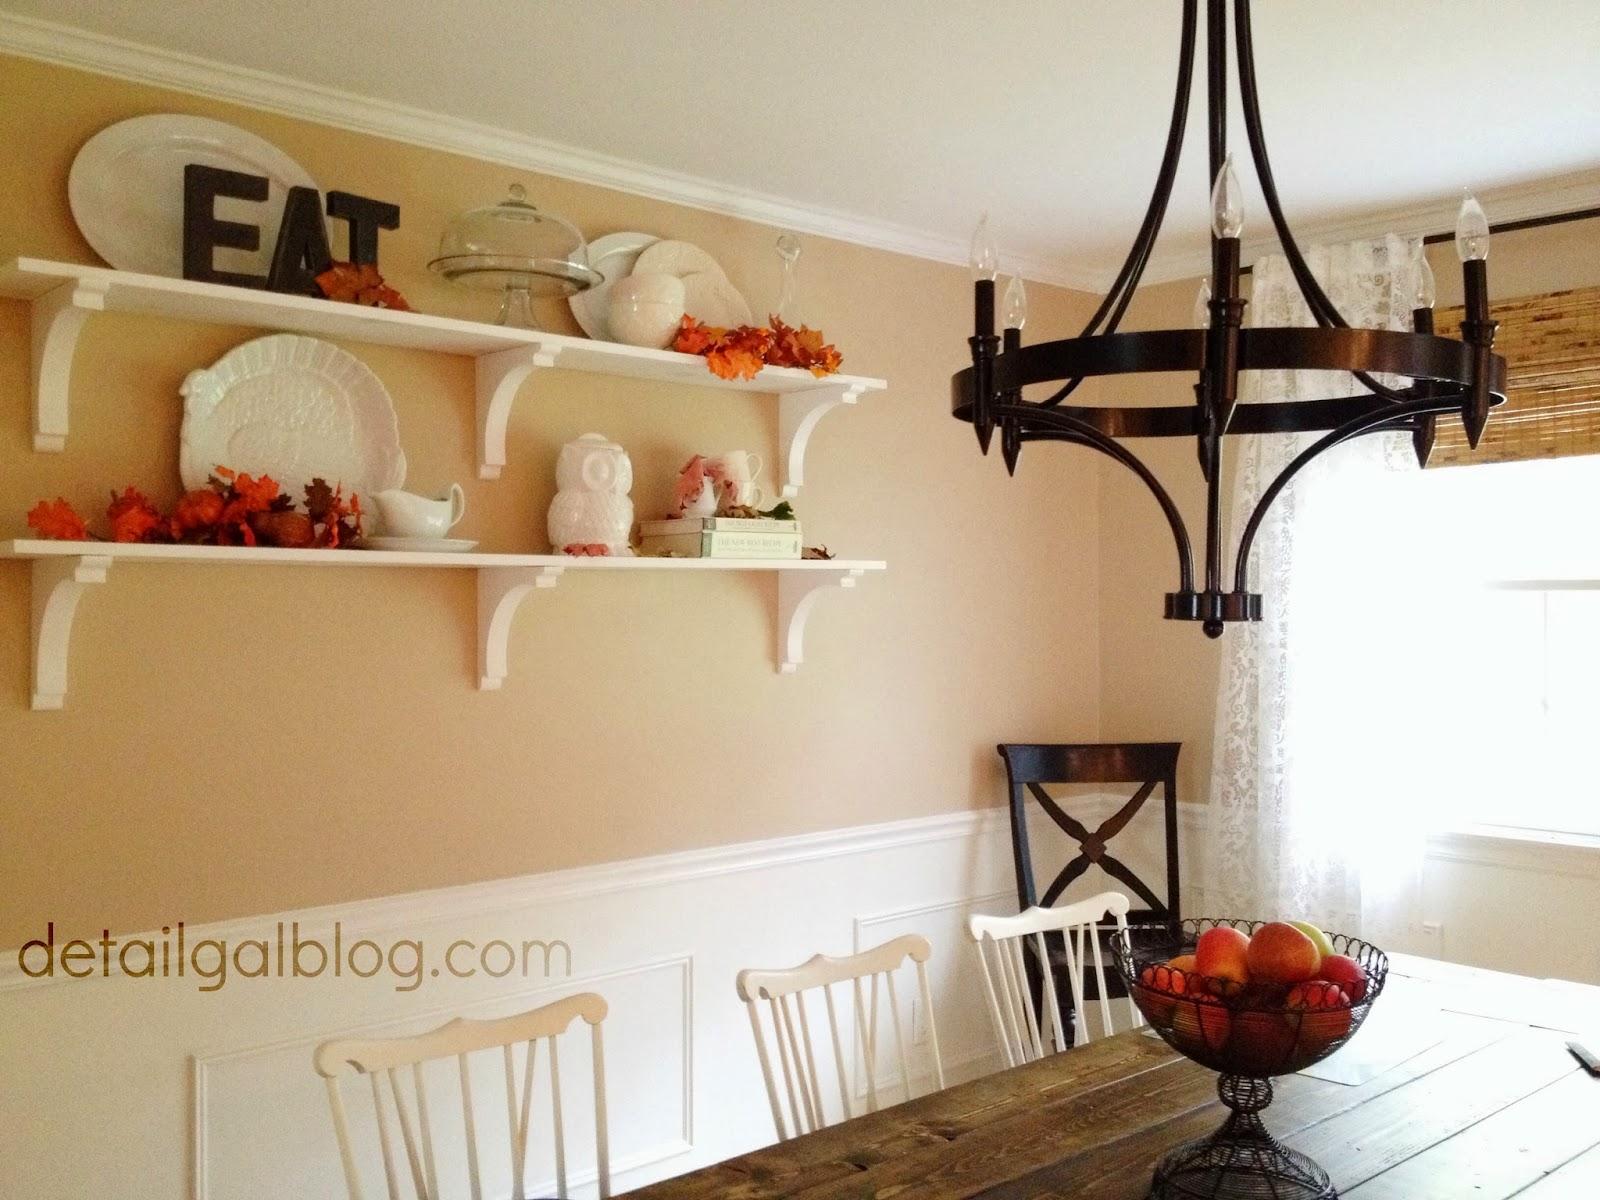 www.detailgal.com: DIY Shelves for $100 | Dining Room Shelf ...